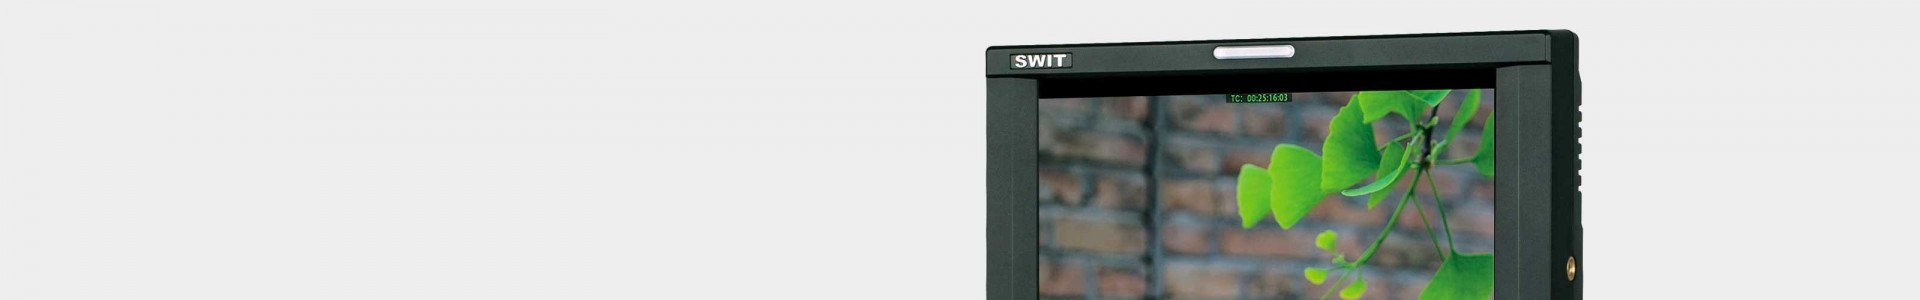 Monitores de vídeo Swit para aplicaciones profesionales - Avacab